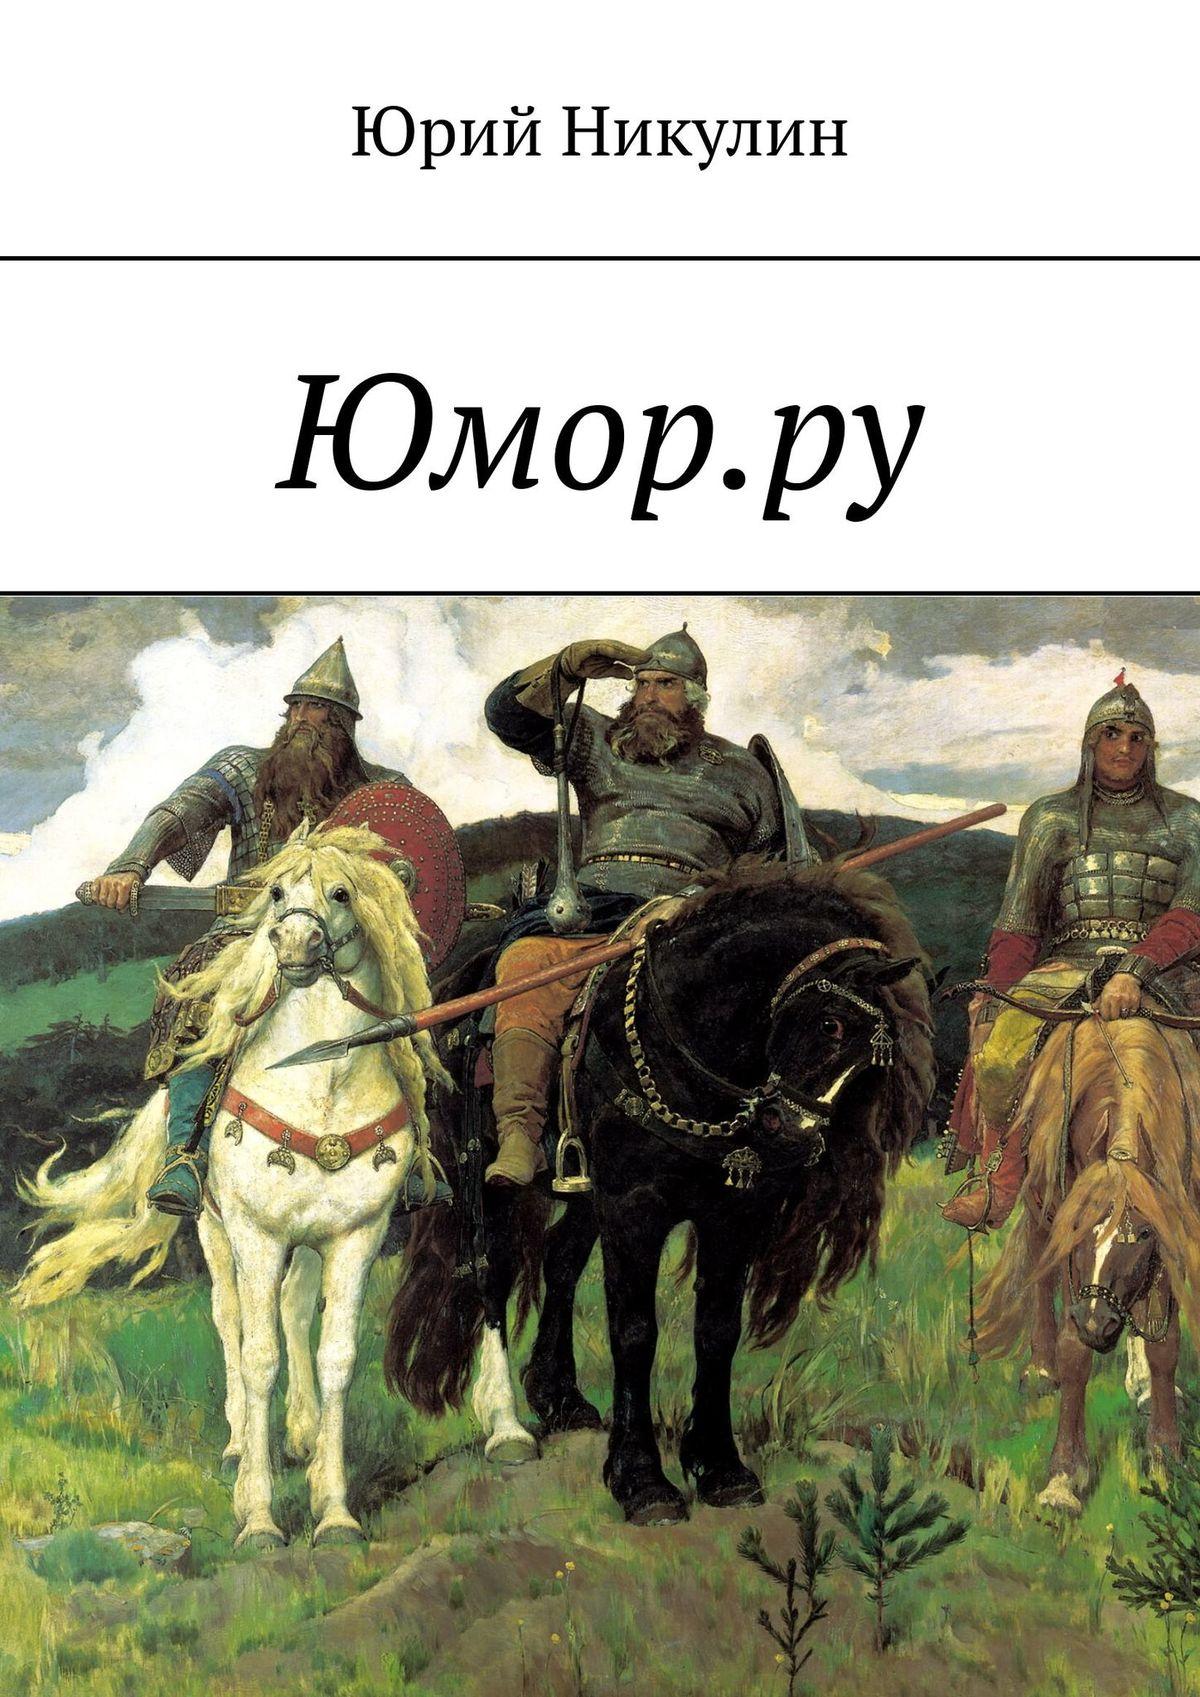 Юрий Никулин Юмор.ру цена 2017